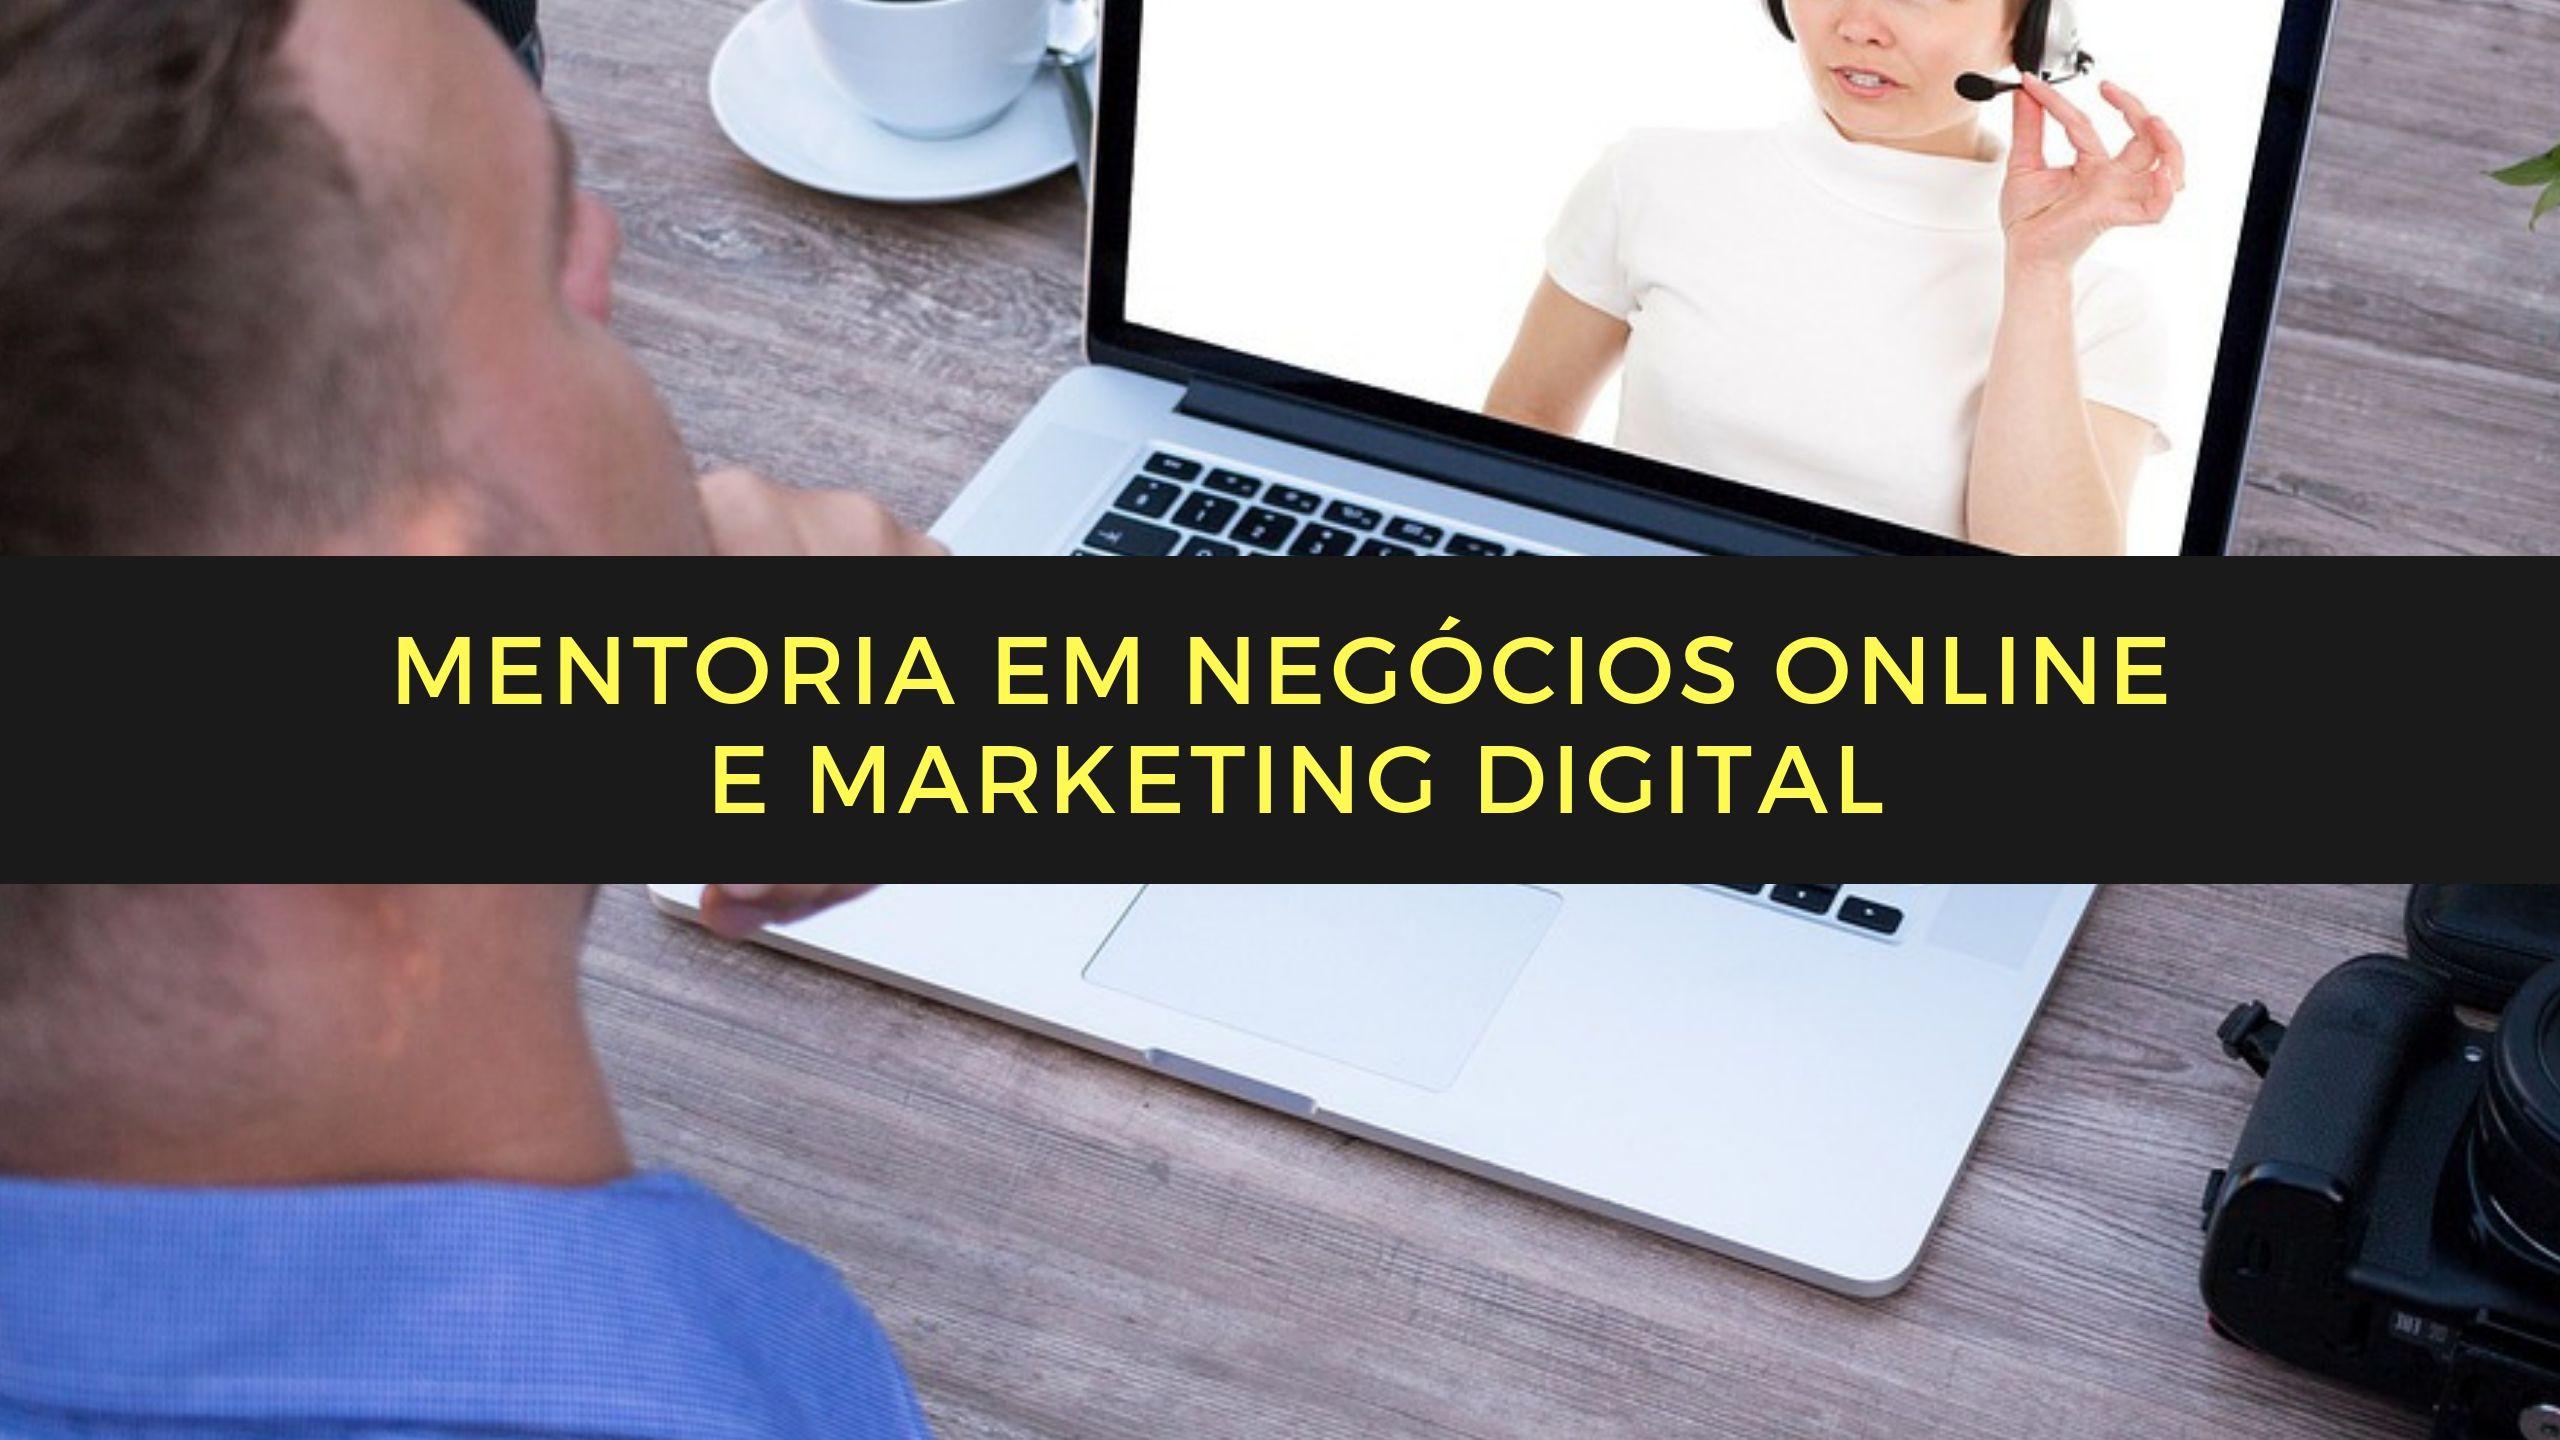 negócios online e marketing digital